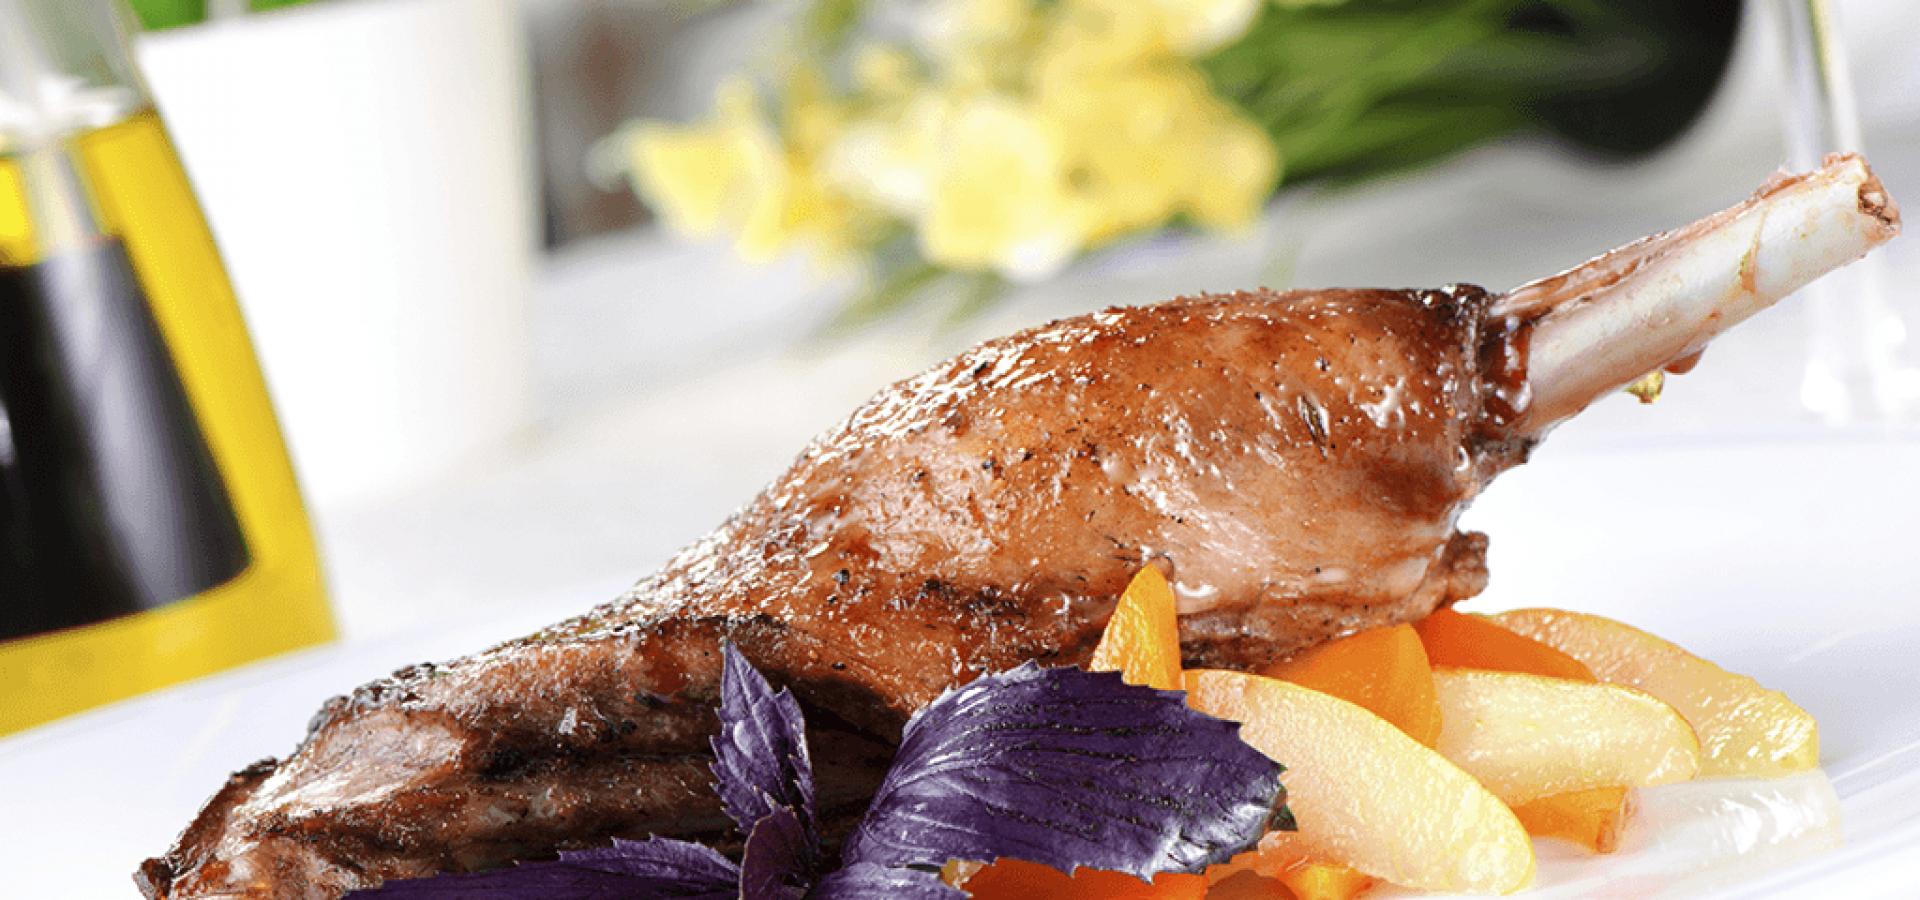 Pollo confitado en aceites de oliva perdona